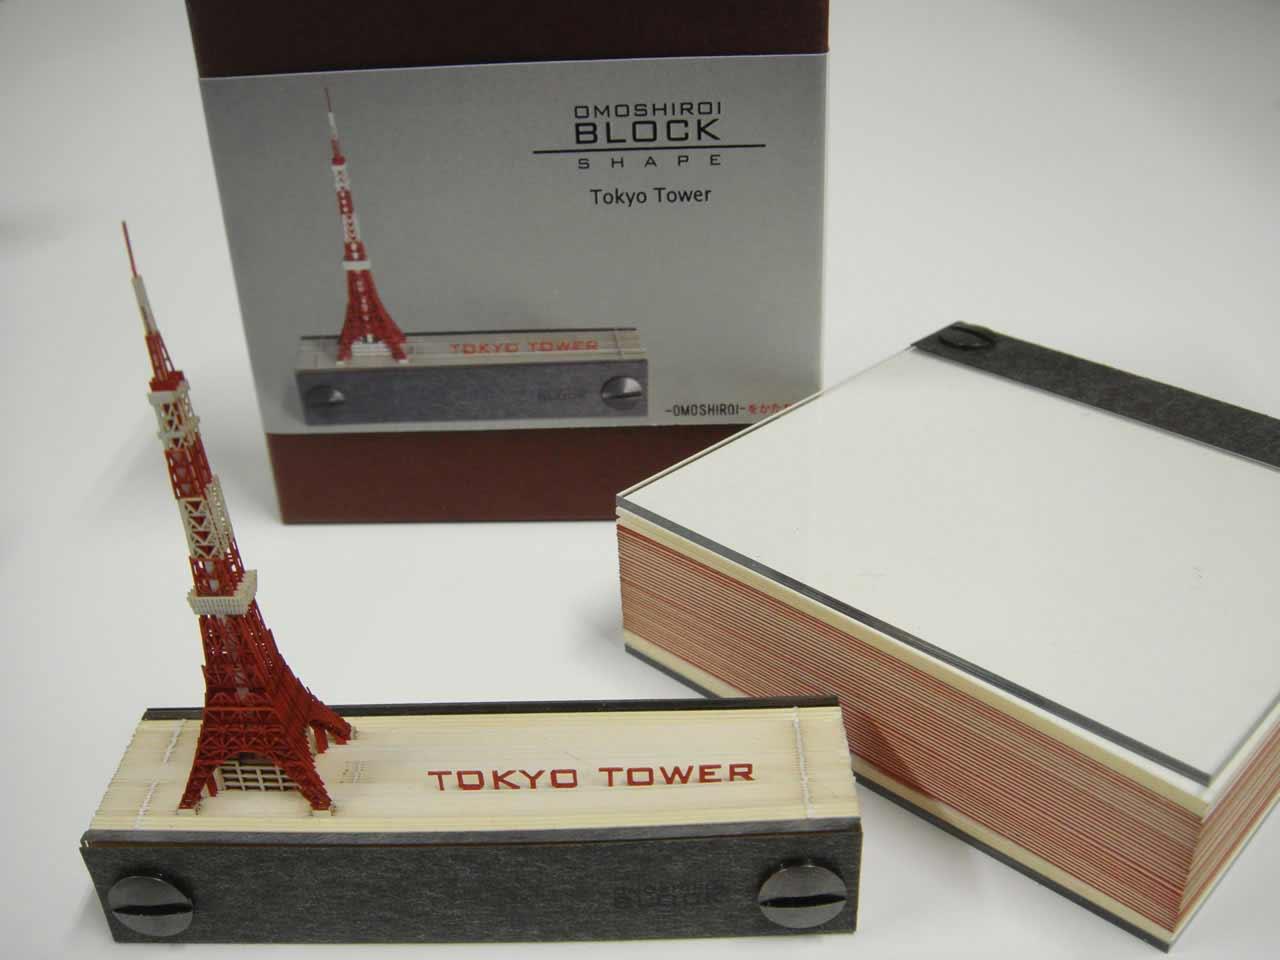 Diese Notizblöcke geben Blatt für Blatt eine Skulptur frei omoshiro-blocks_08